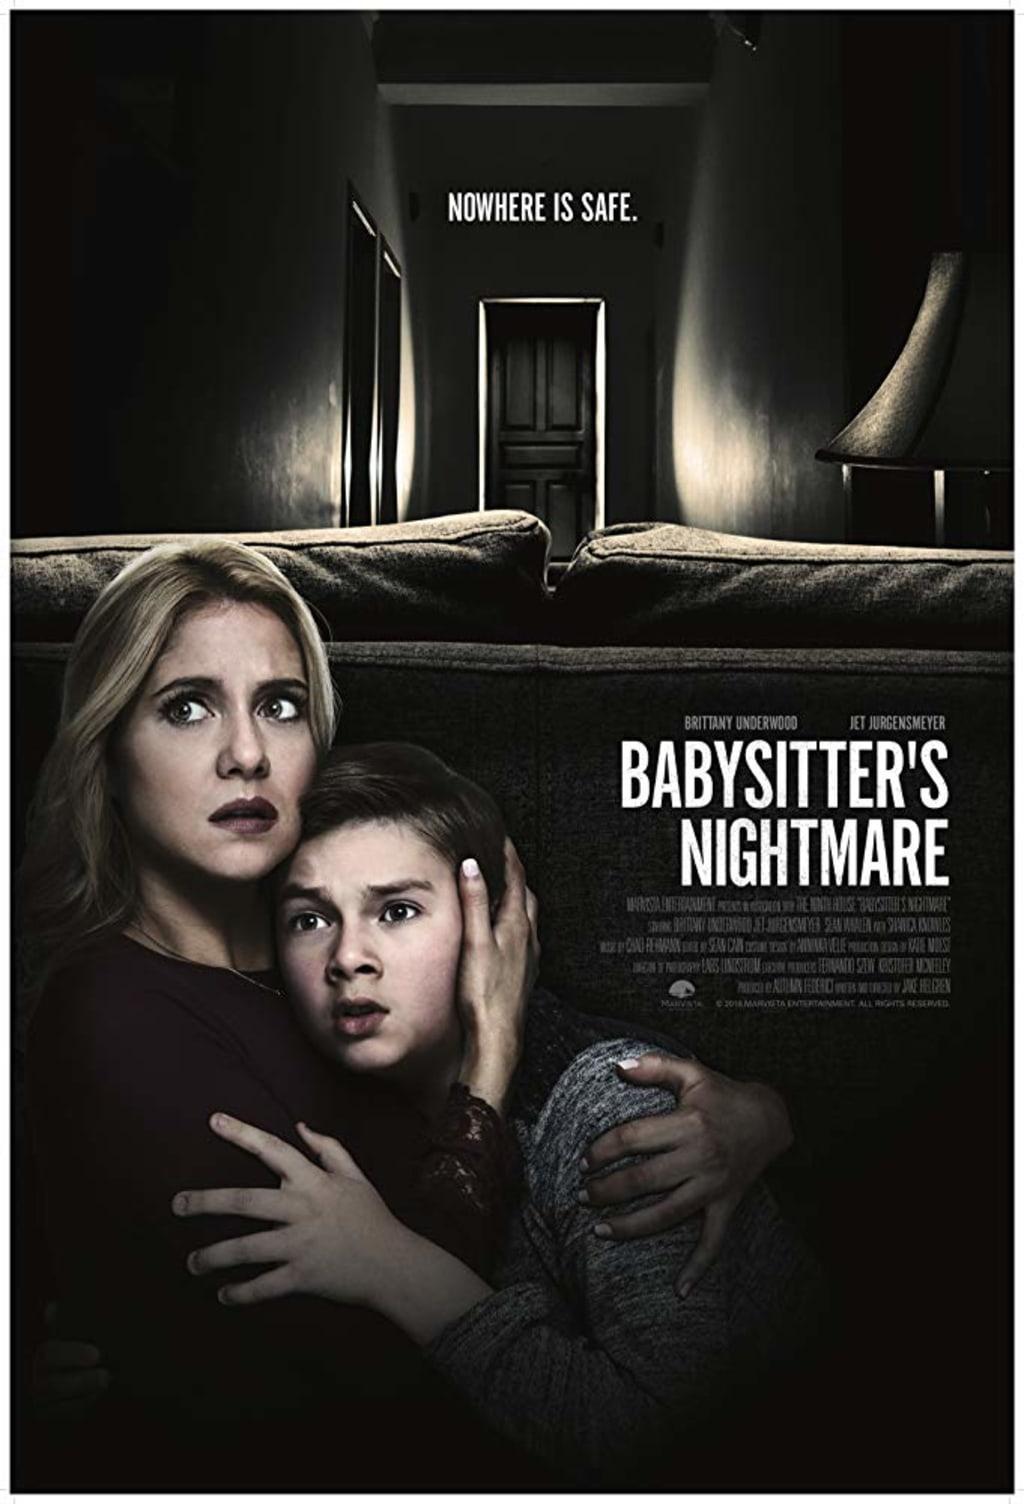 Stranger In The House Lifetime Movie : stranger, house, lifetime, movie, Lifetime, Review:, 'Babysitter's, Nightmare', Horror